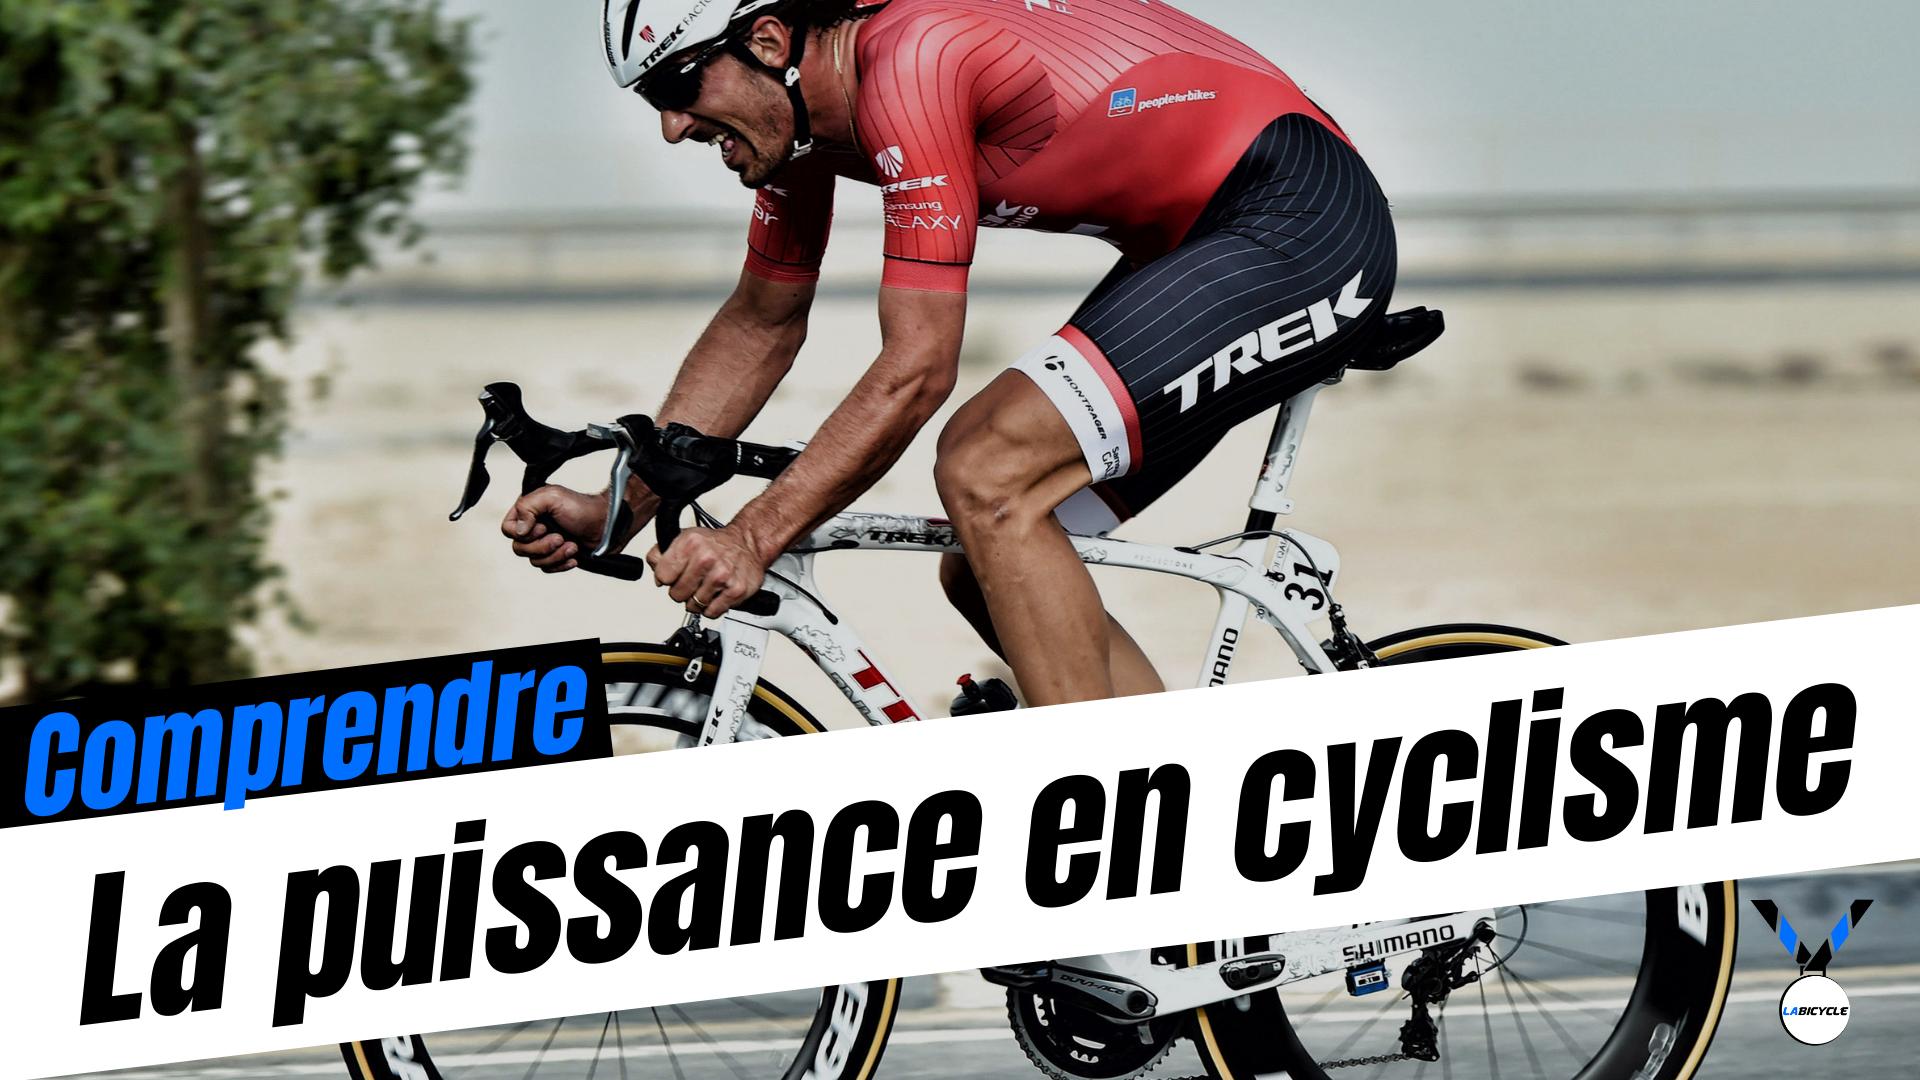 La puissance en cyclisme